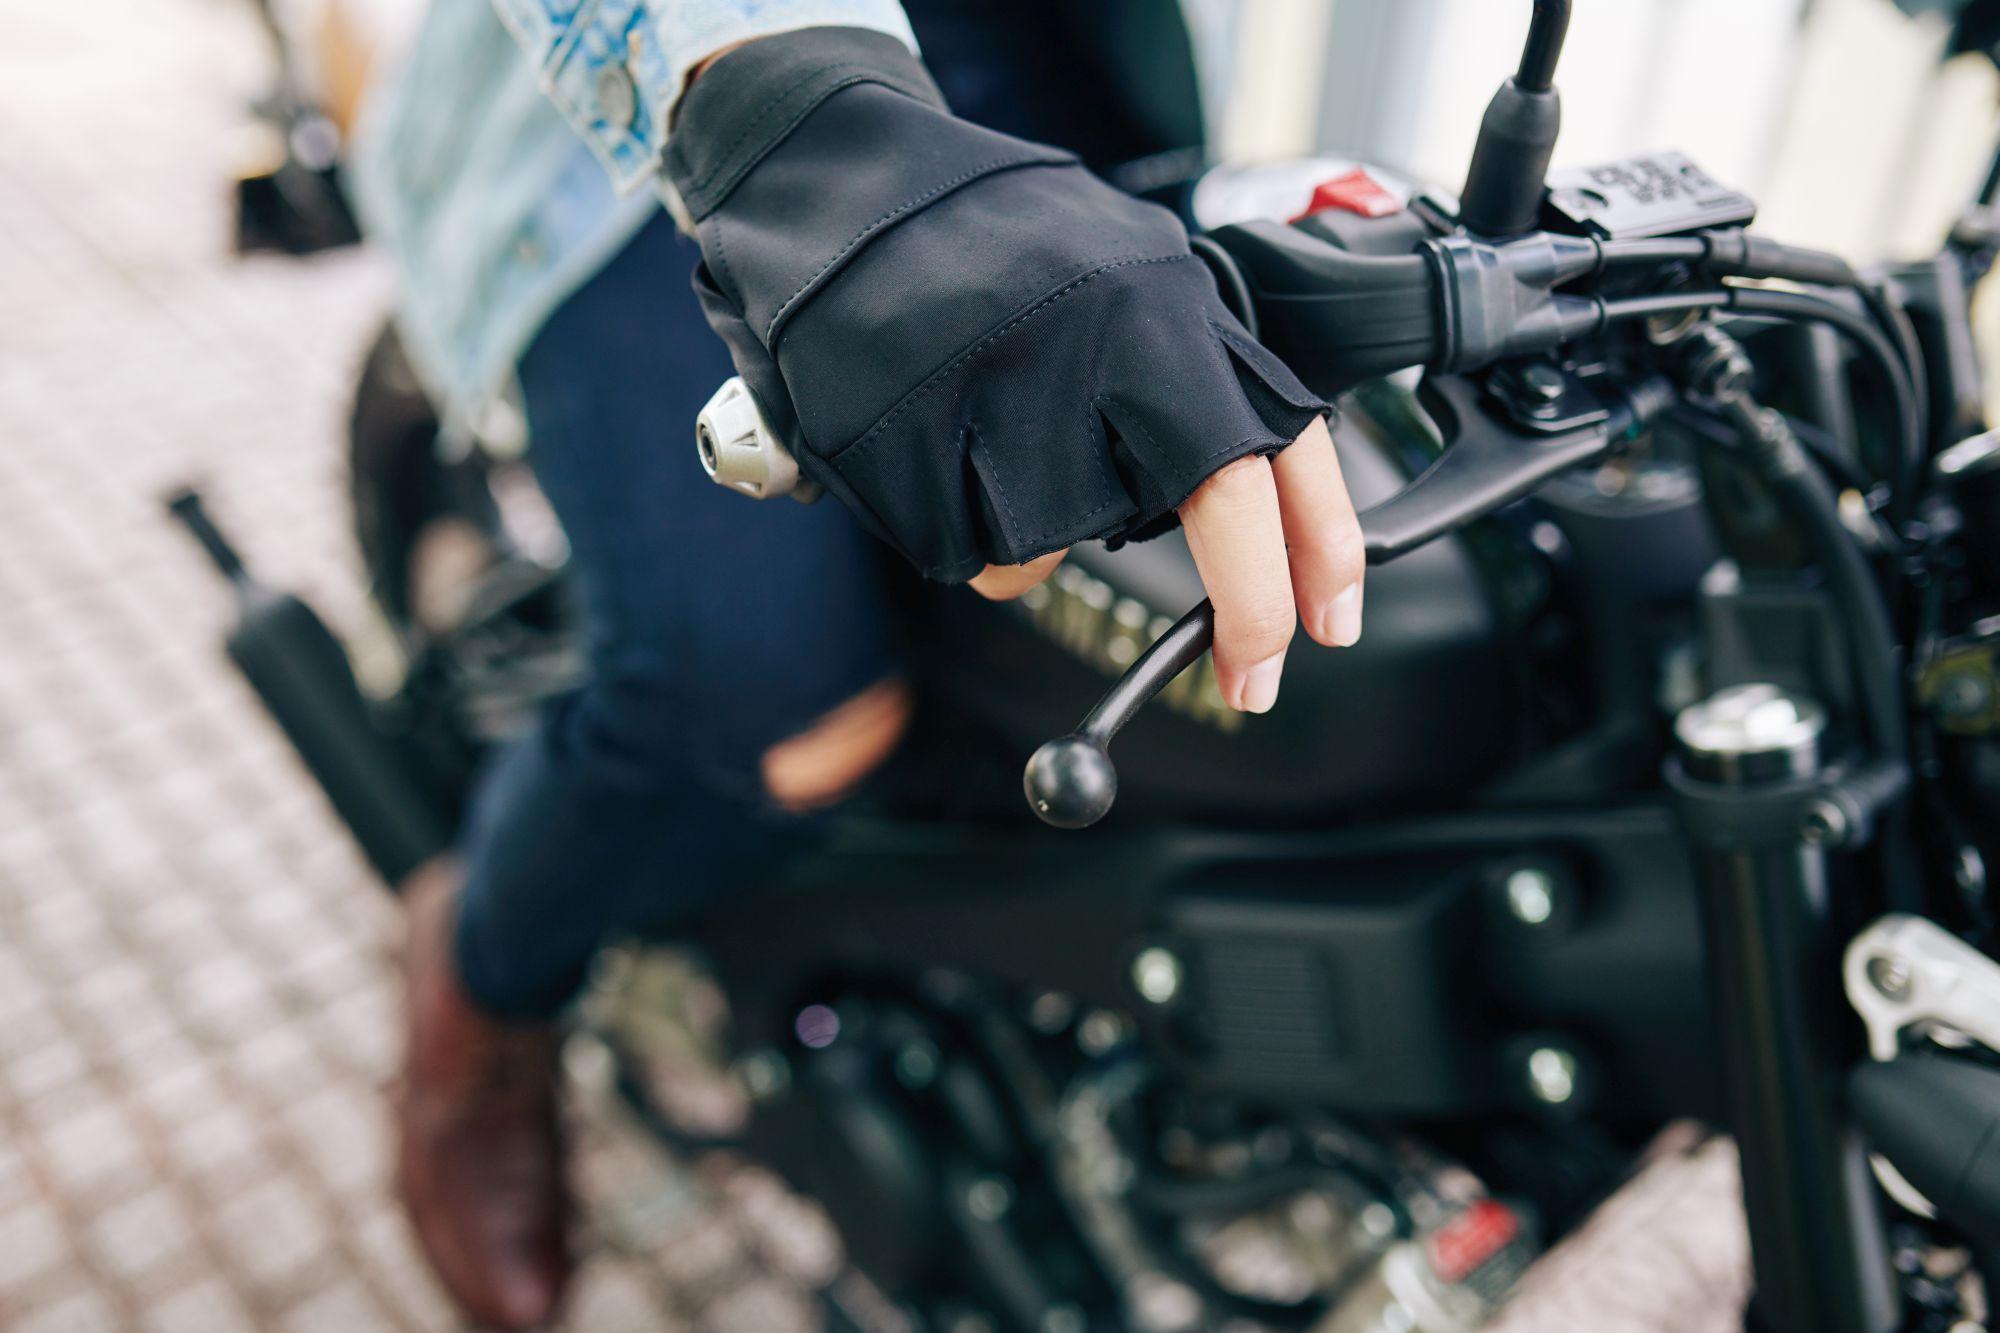 Az ujjatlan motoros kesztyűk jól szellőznek viszont nem sok védelmet nyújtanak